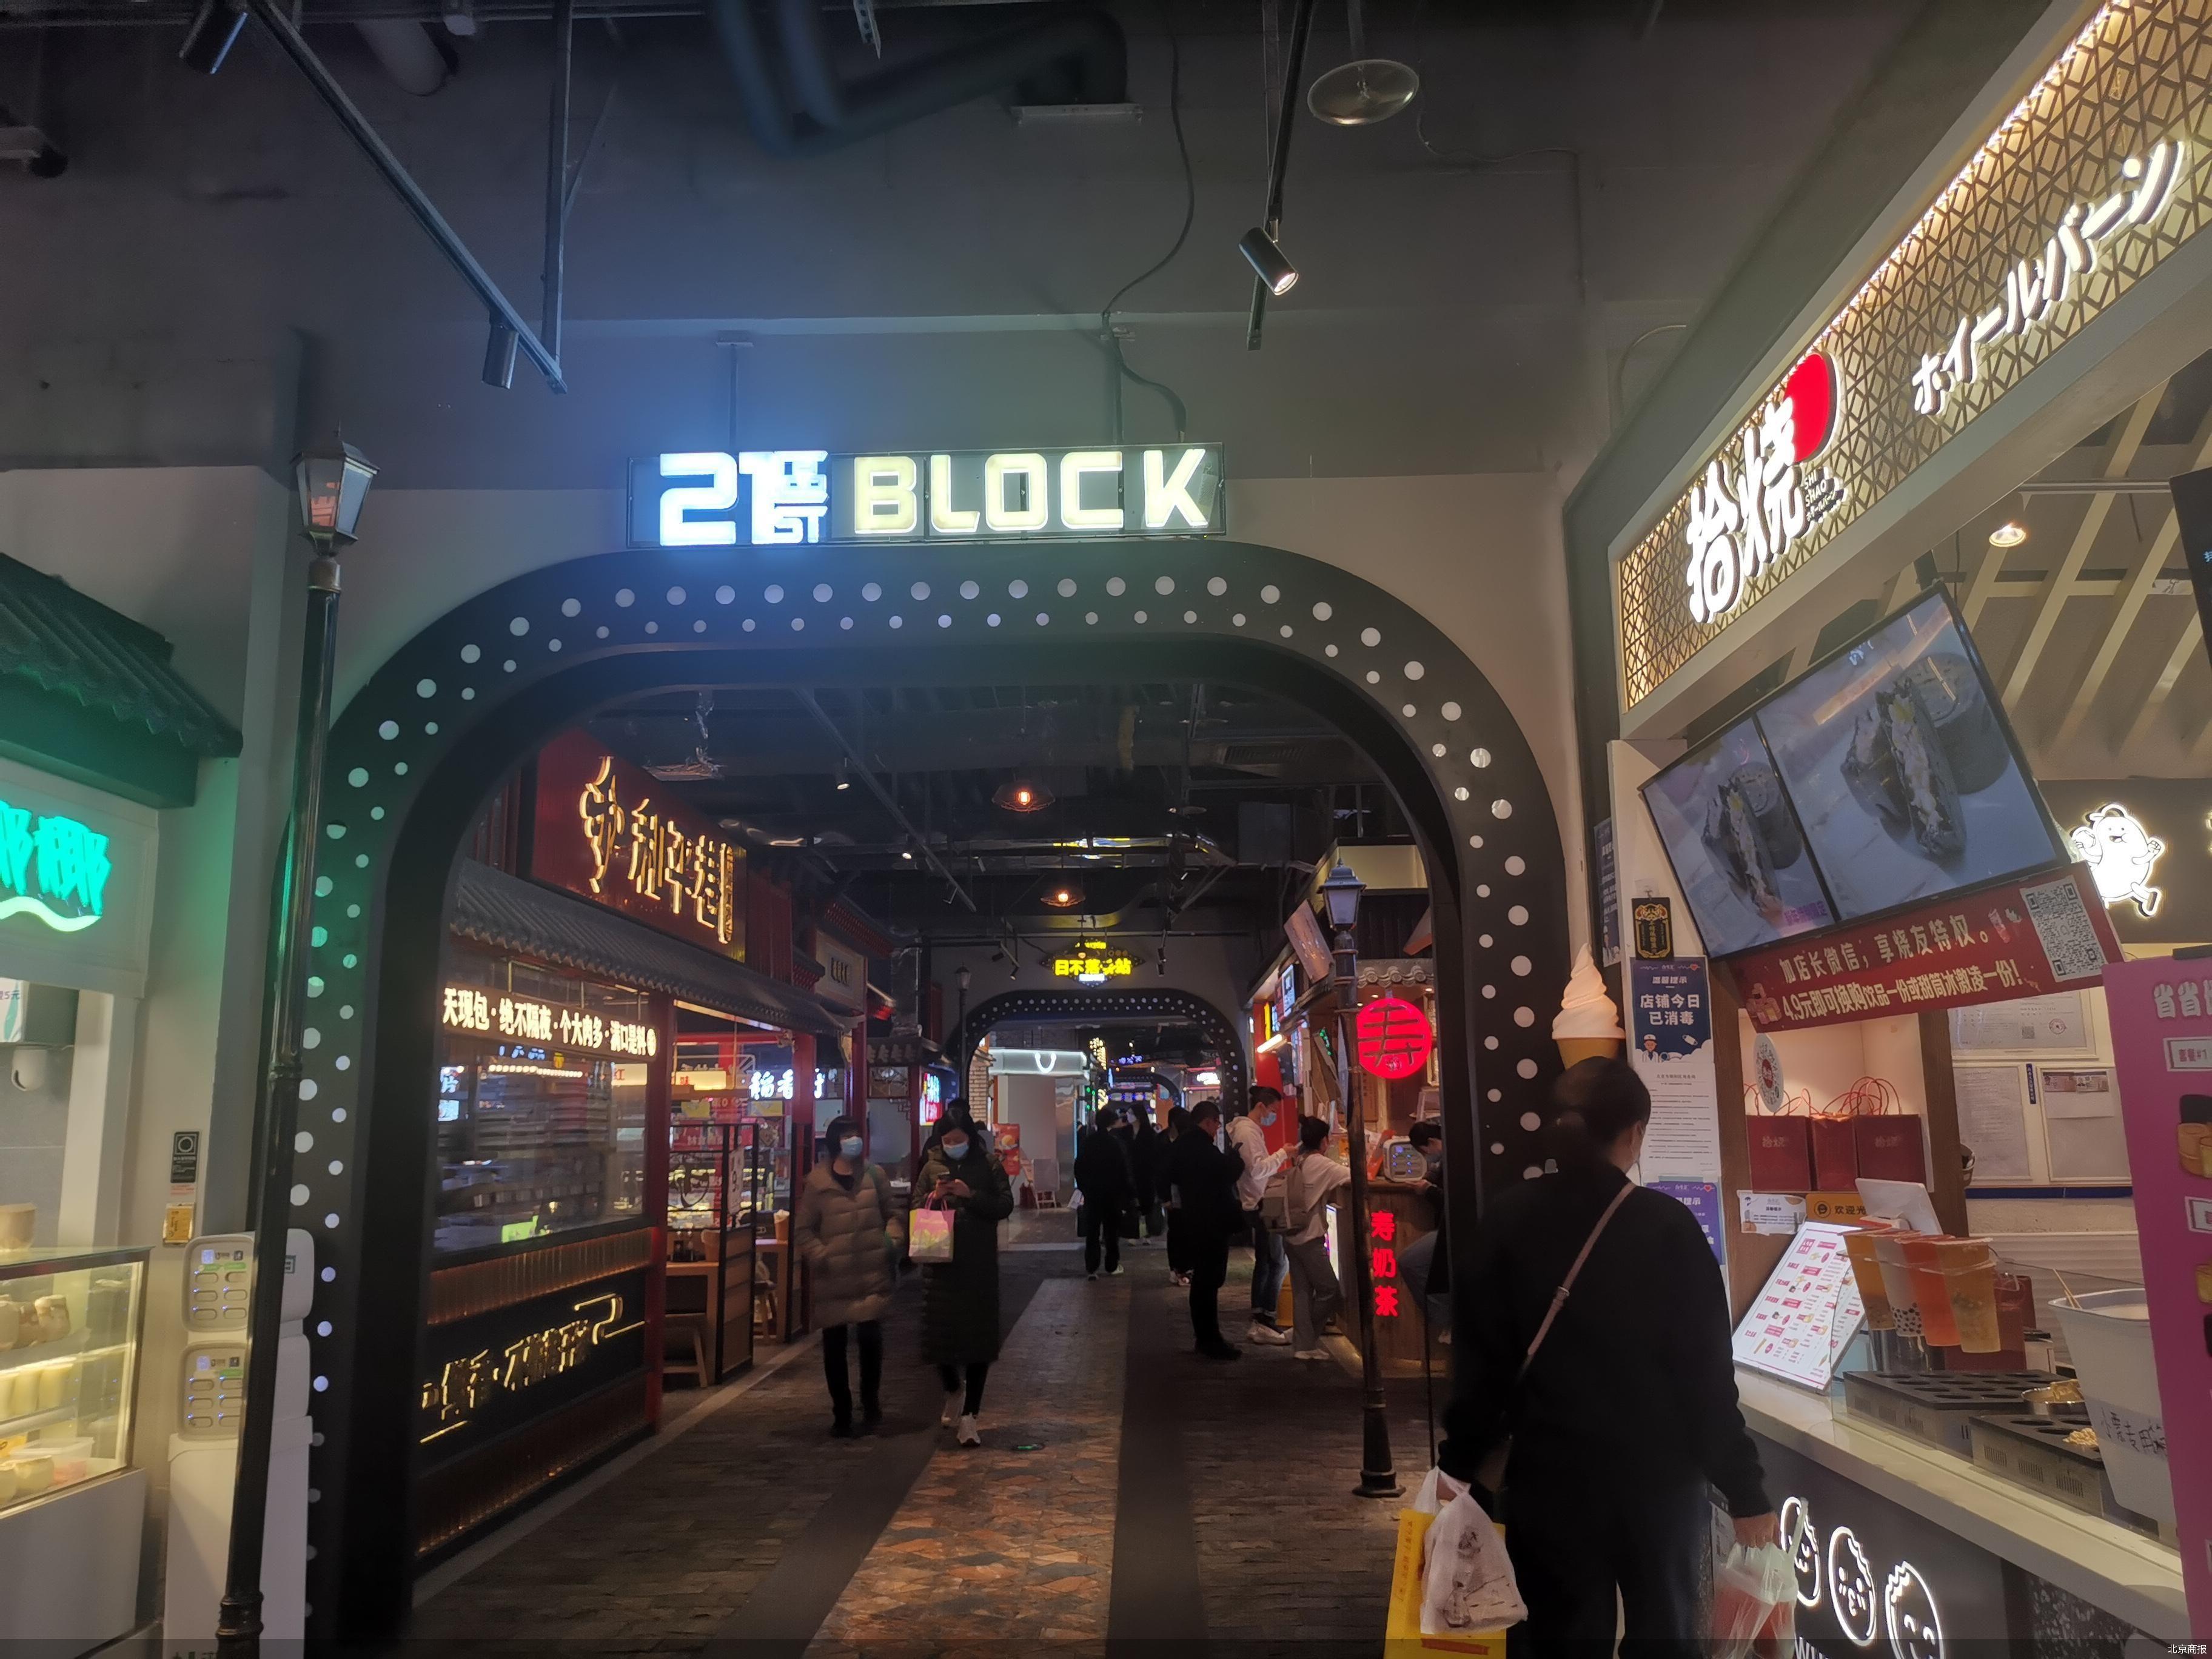 轻酒吧入驻  北京主流商场加速主题街...